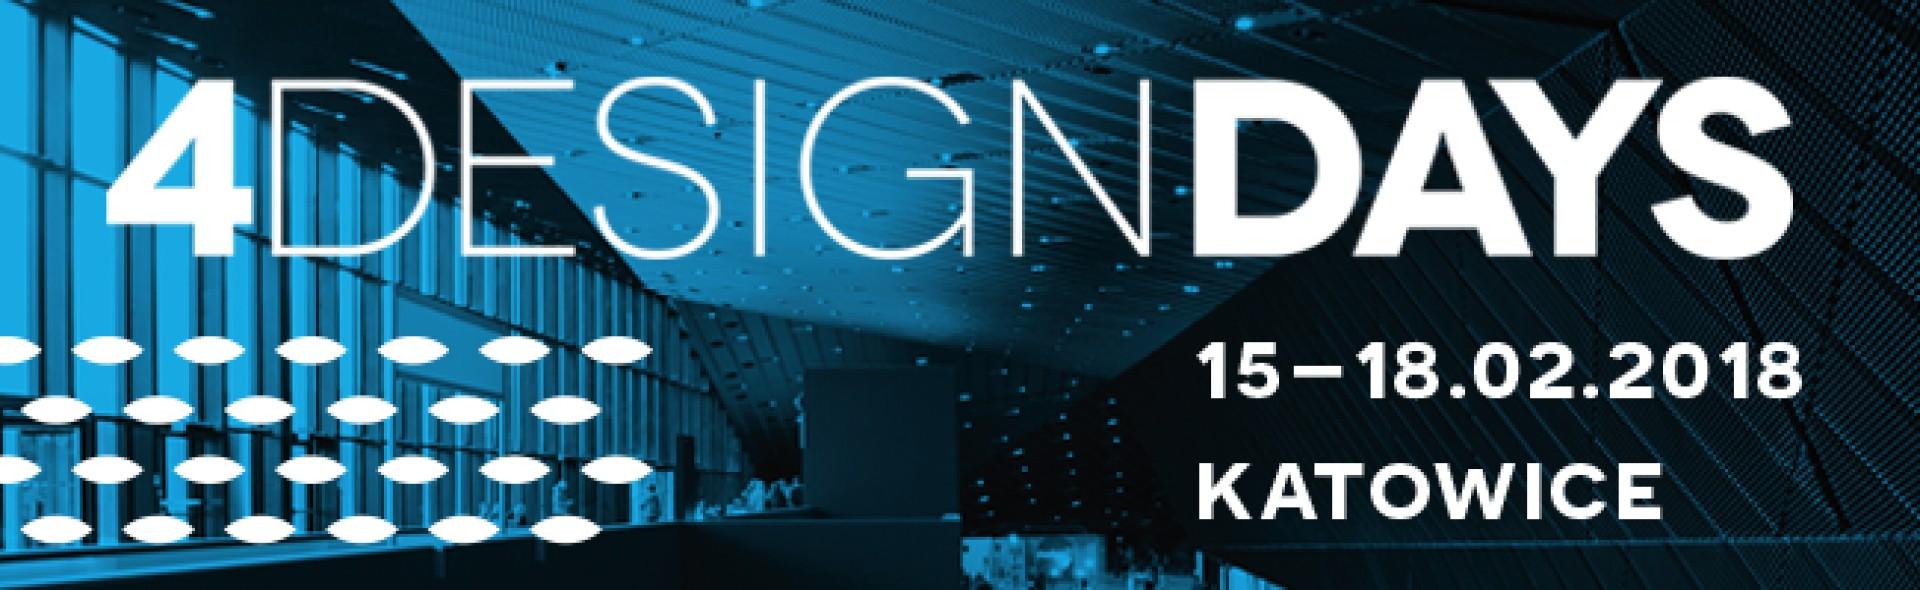 3. edycja 4 Design Days odbędzie się 15-18 lutego 2018 roku w Katowicach.